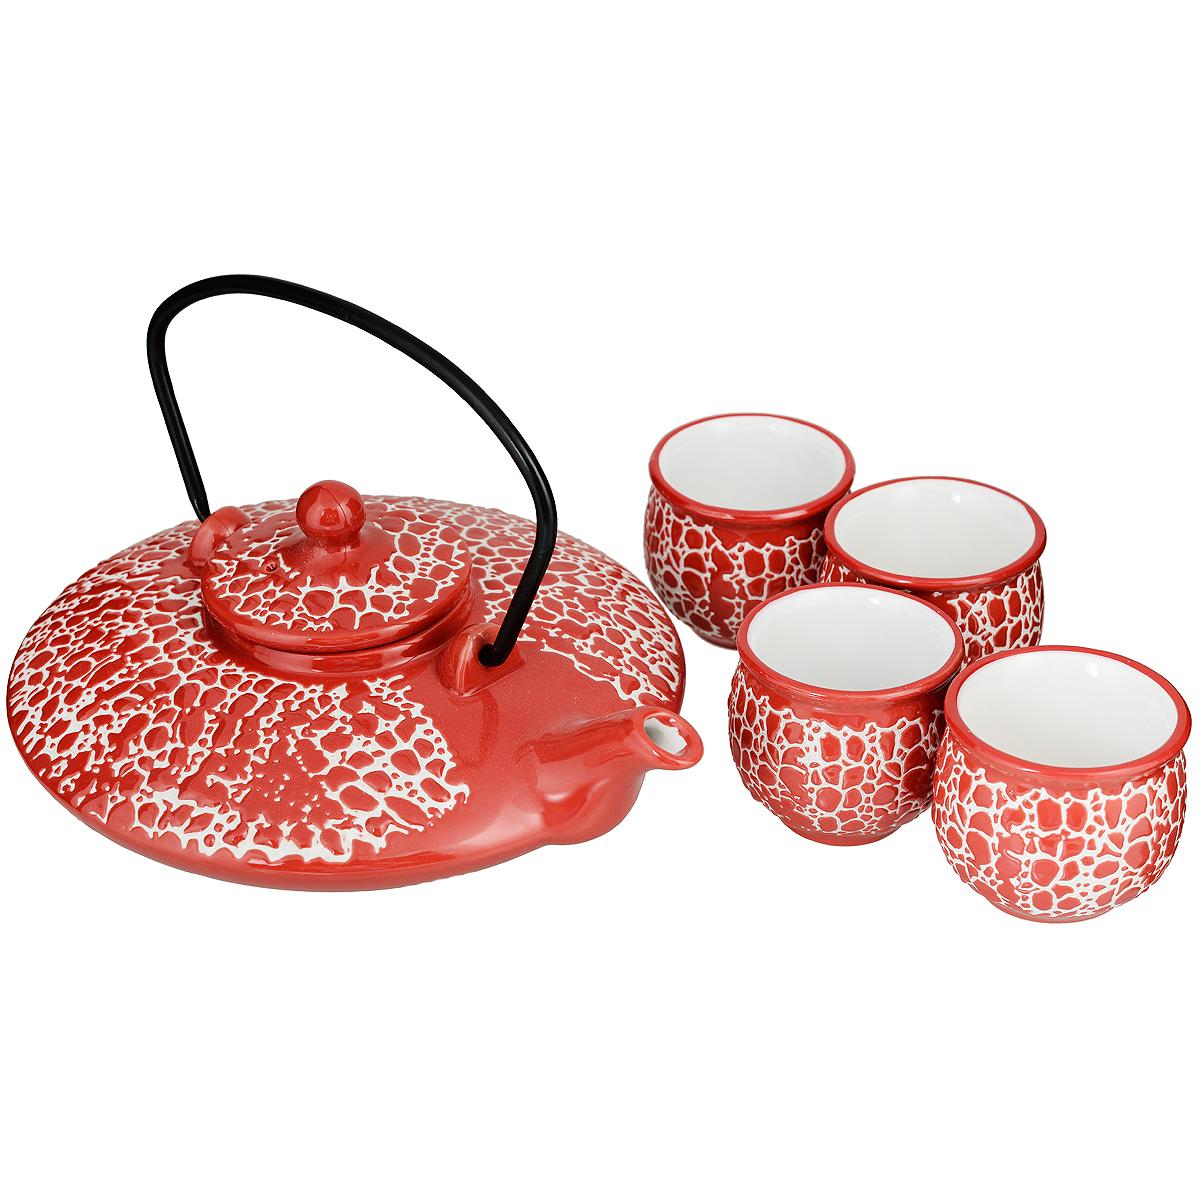 Набор чайный Saguro Красный скат, 5 предметов510-075Набор чайный Saguro Красный скат состоит из одного чайника и четырех чашек. Предметы набора изготовлены из высококачественной глазурованной керамики в восточном стиле и оформлены красно-белым рельефным узором. Восточный дизайн придется по вкусу ценителям чайных церемоний, и тем, кто предпочитает утонченность и изысканность. Он настроит на позитивный лад и подарит хорошее настроение с самого утра. Чайный набор - идеальный и необходимый подарок для вашего дома и для ваших друзей в праздники, юбилеи и торжества! Он также станет отличным корпоративным подарком и украшением любой кухни.